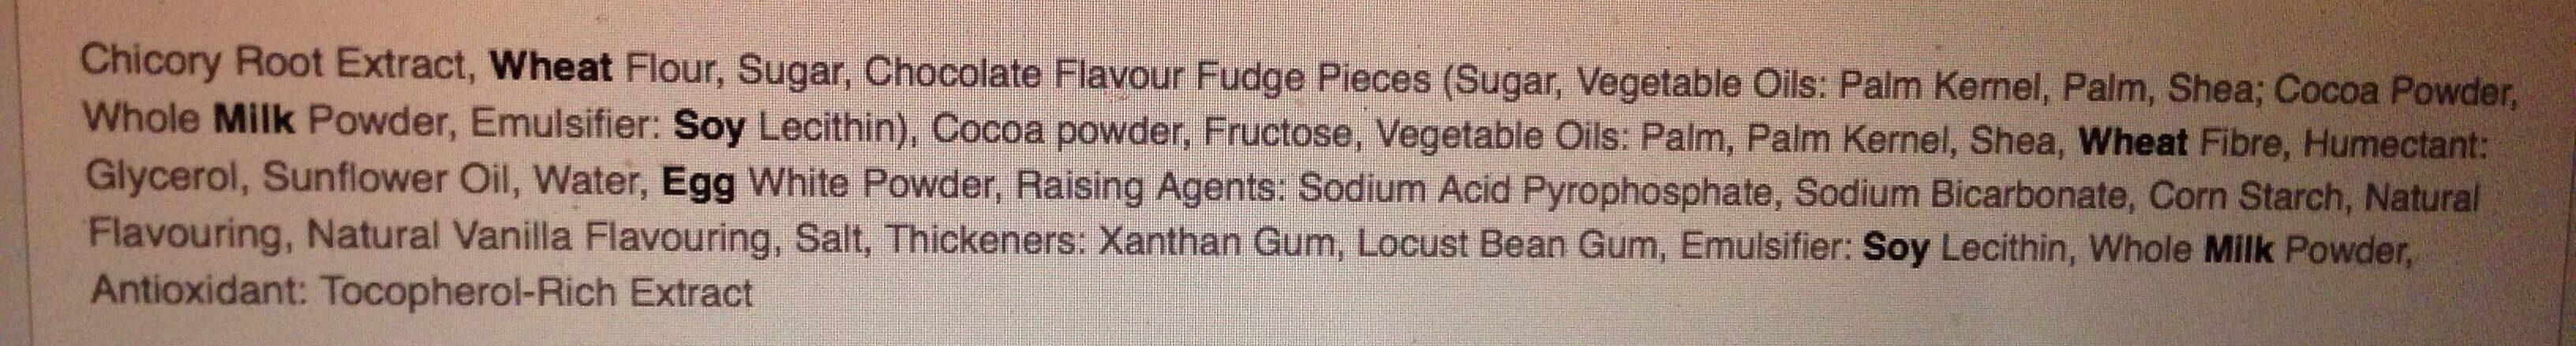 Calorie Chocolate Fudge Brownies - Ingredients - en